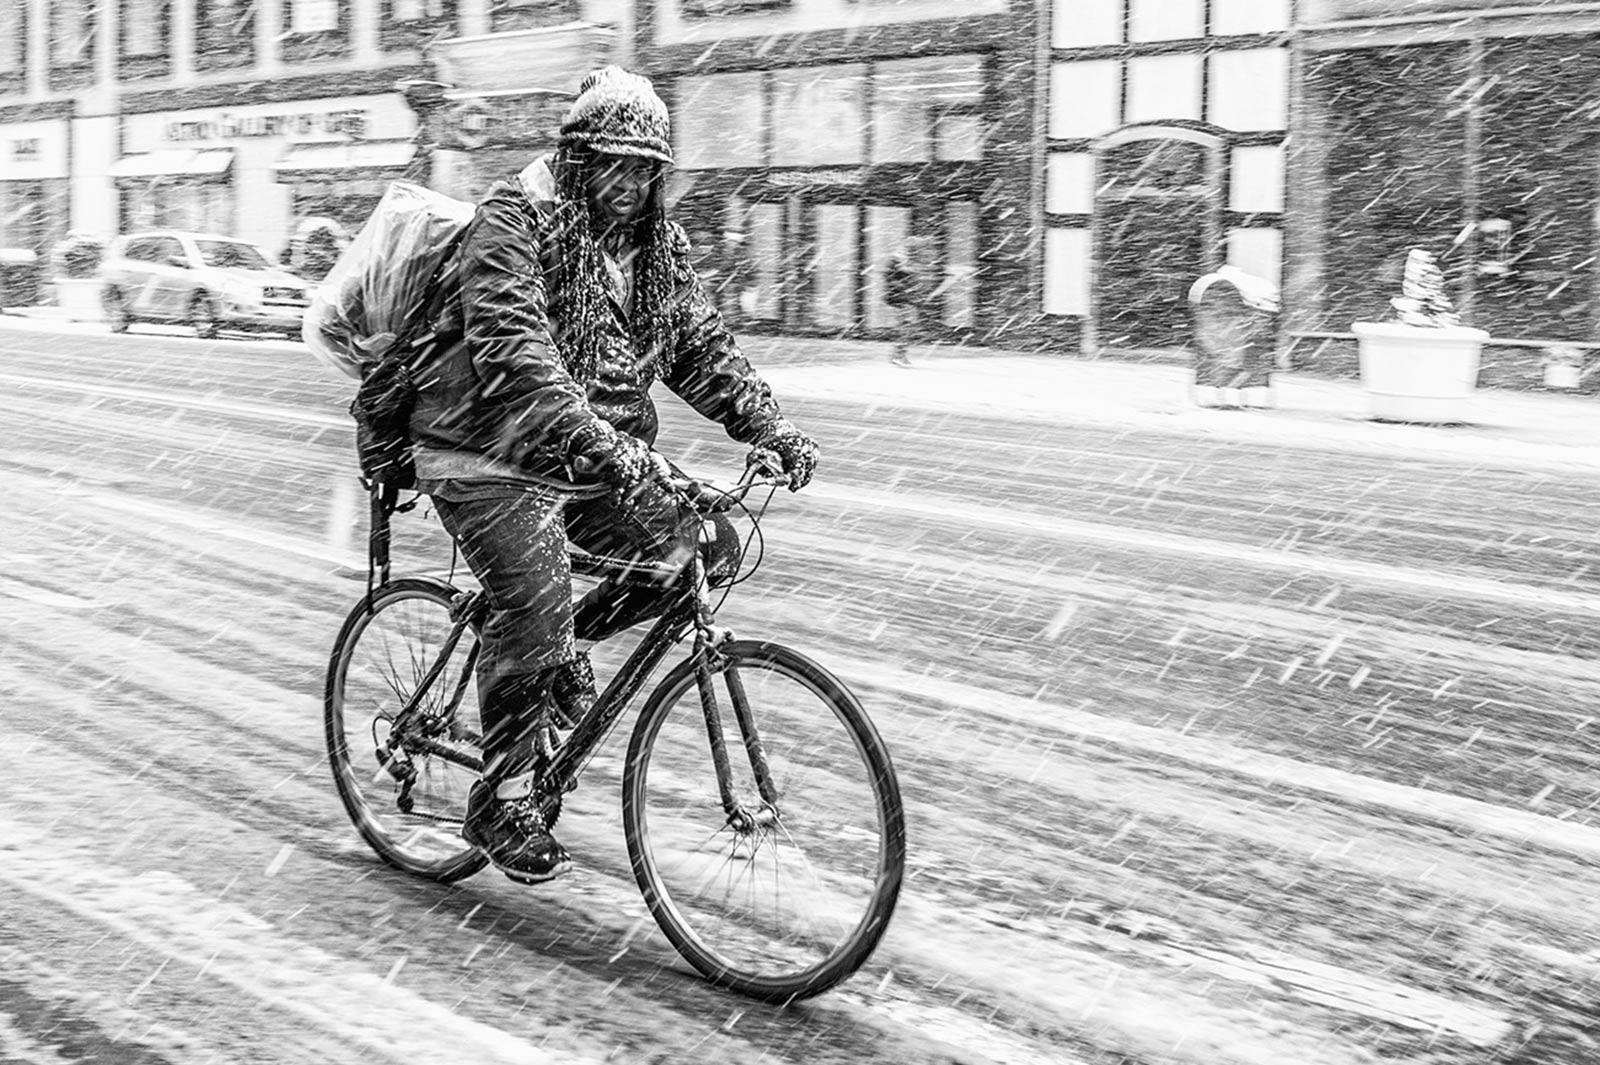 Schwarz-weiß Bild eines Mannes der im Schneetreiben Fahrrad fährt.